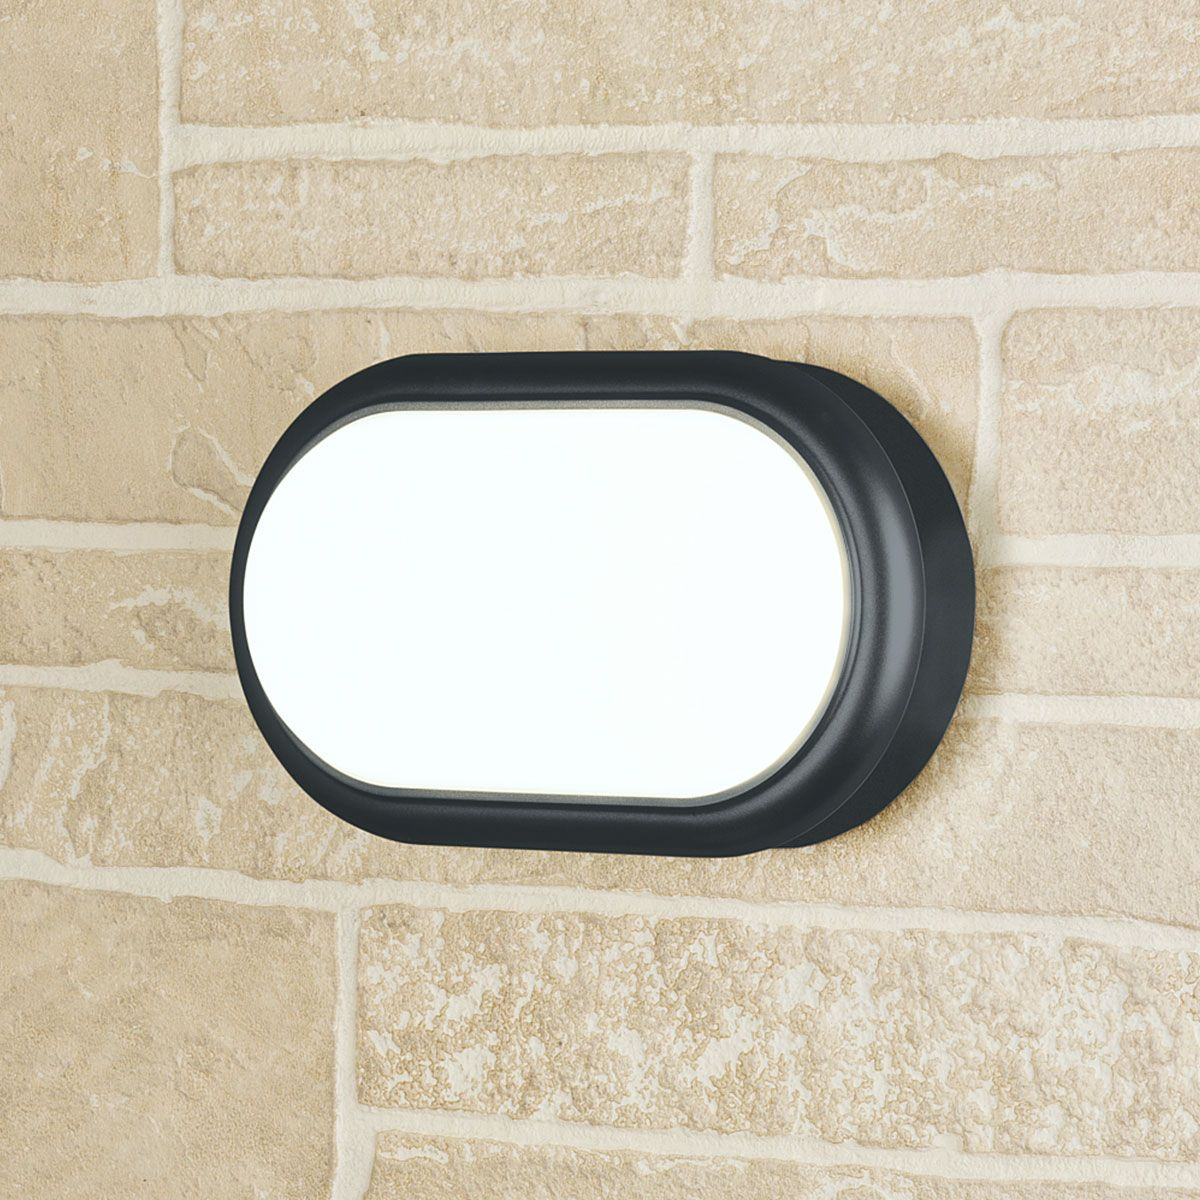 Пылевлагозащи<wbr>щенный светодиодный светильник Forssa черный 18 Вт 4000 K IP54 LTB05 черный